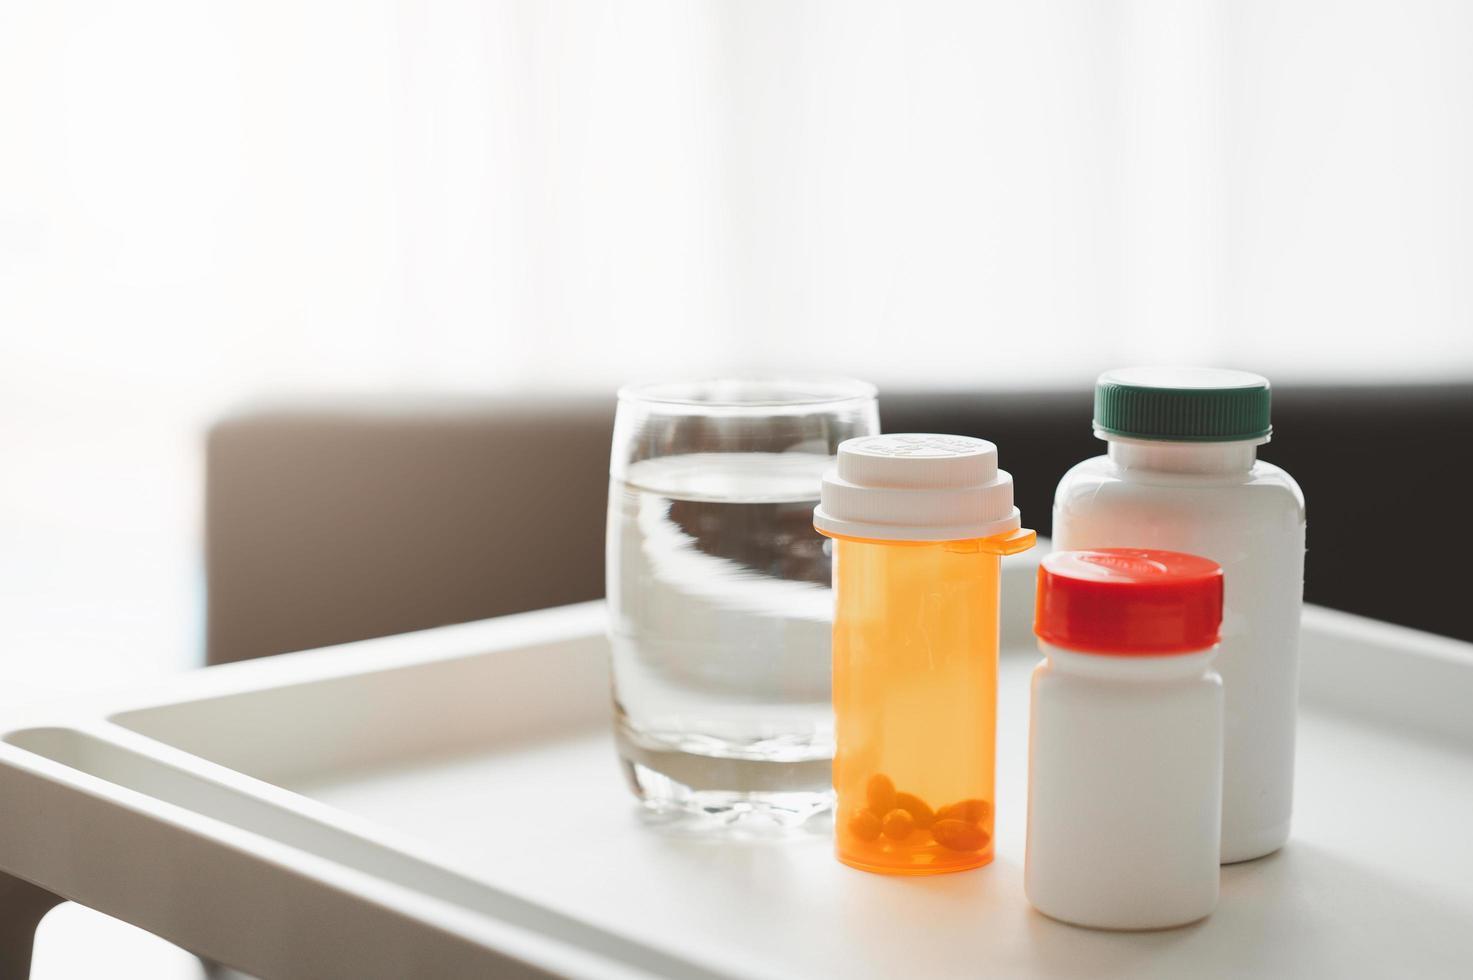 medicina y vaso de agua foto